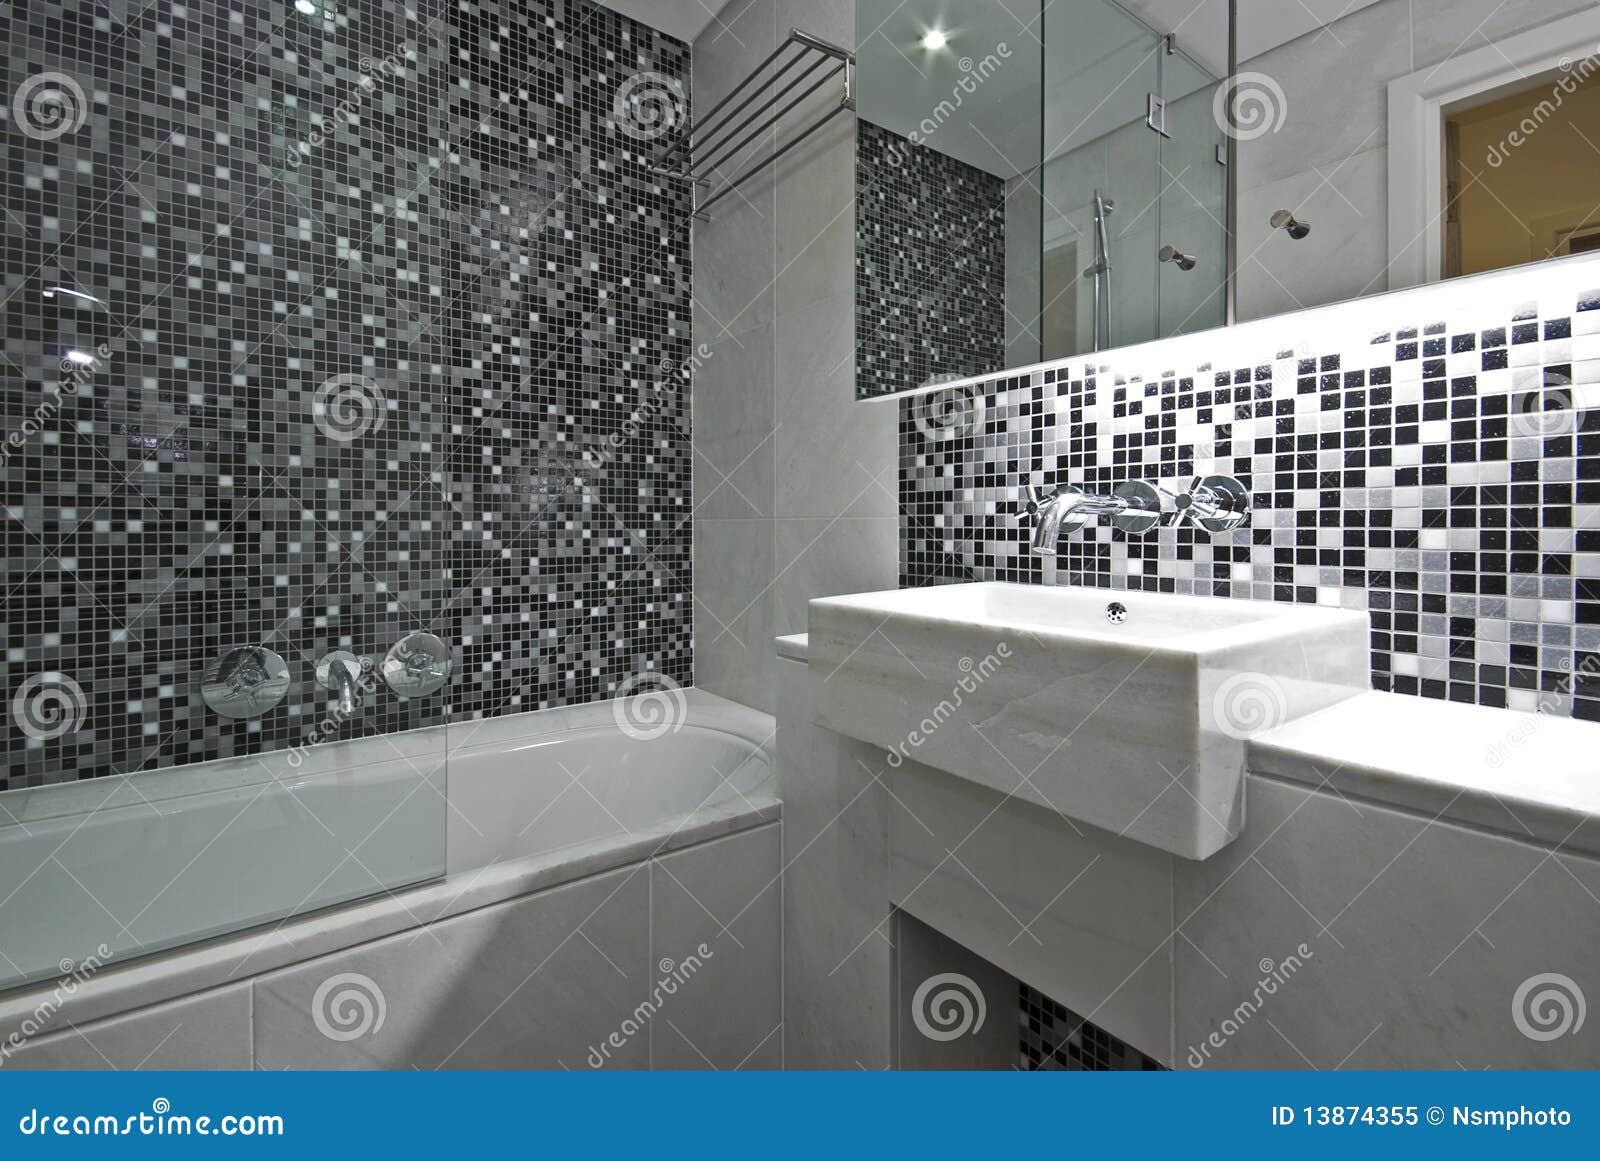 Salle de bains contemporaine d 39 en suite en noir et blanc - Salle de bain en noir et blanc ...